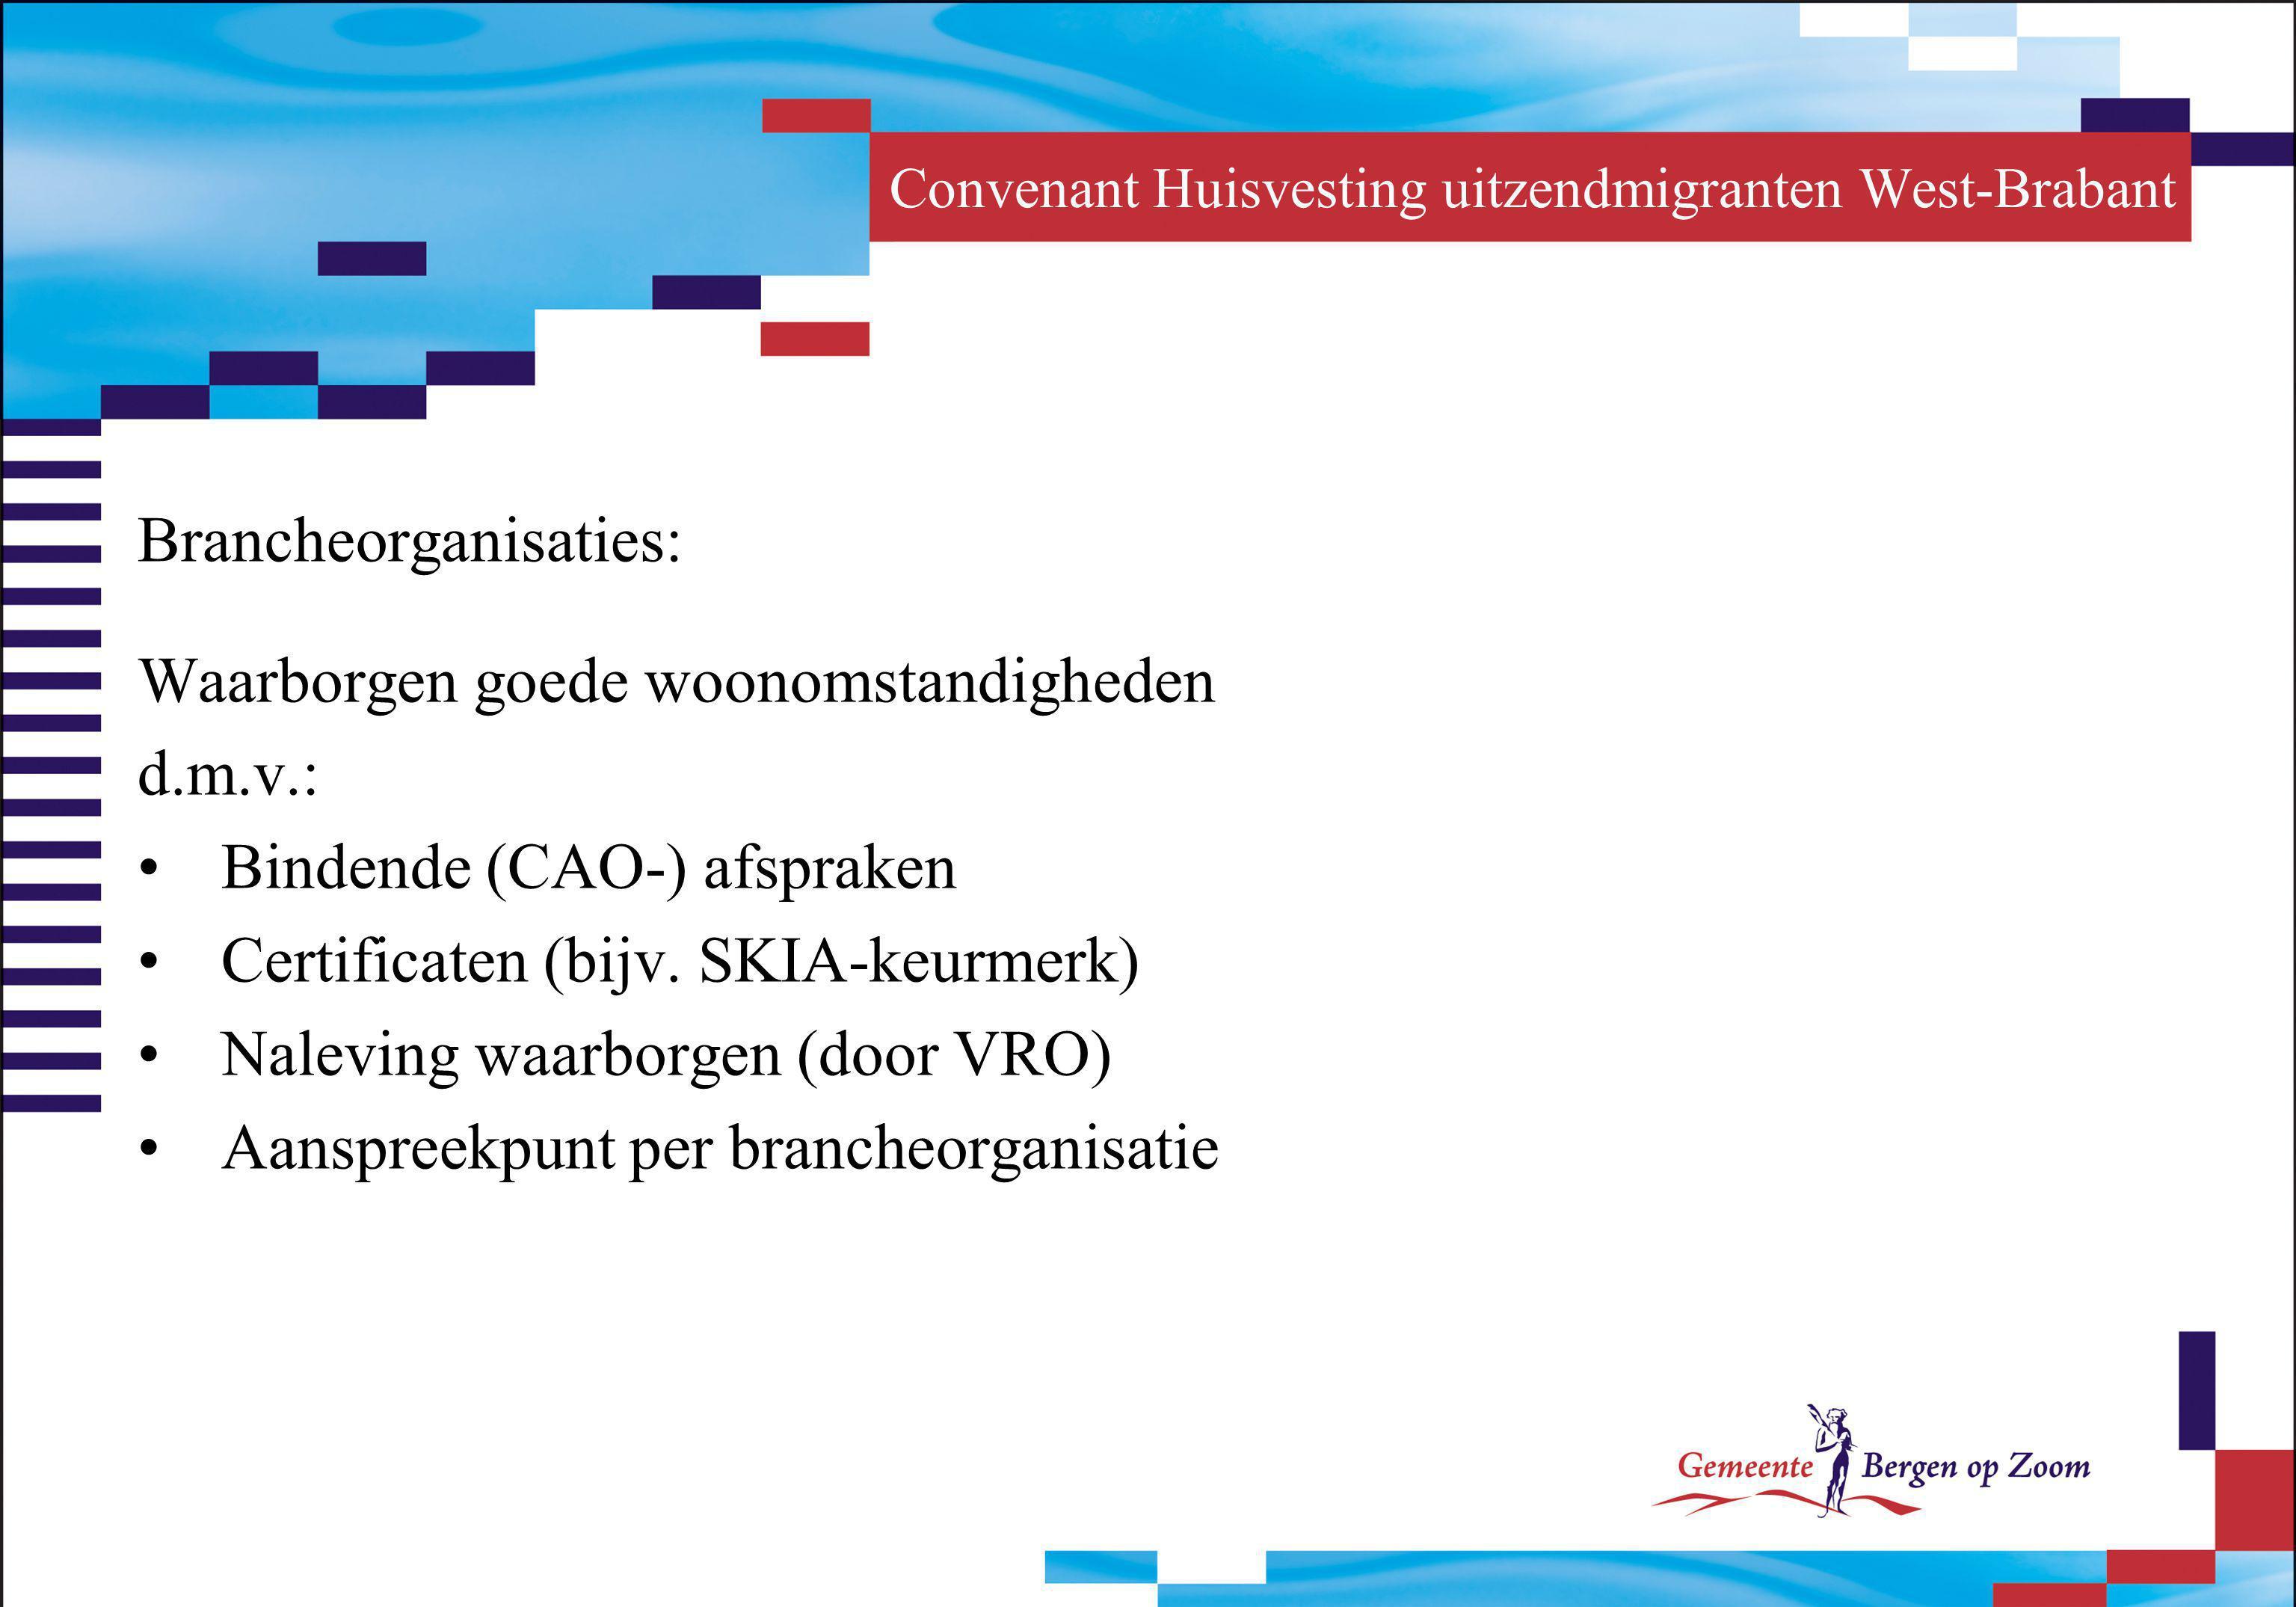 Convenant Huisvesting uitzendmigranten West-Brabant Brancheorganisaties: Waarborgen goede woonomstandigheden d.m.v.: Bindende (CAO-) afspraken Certifi